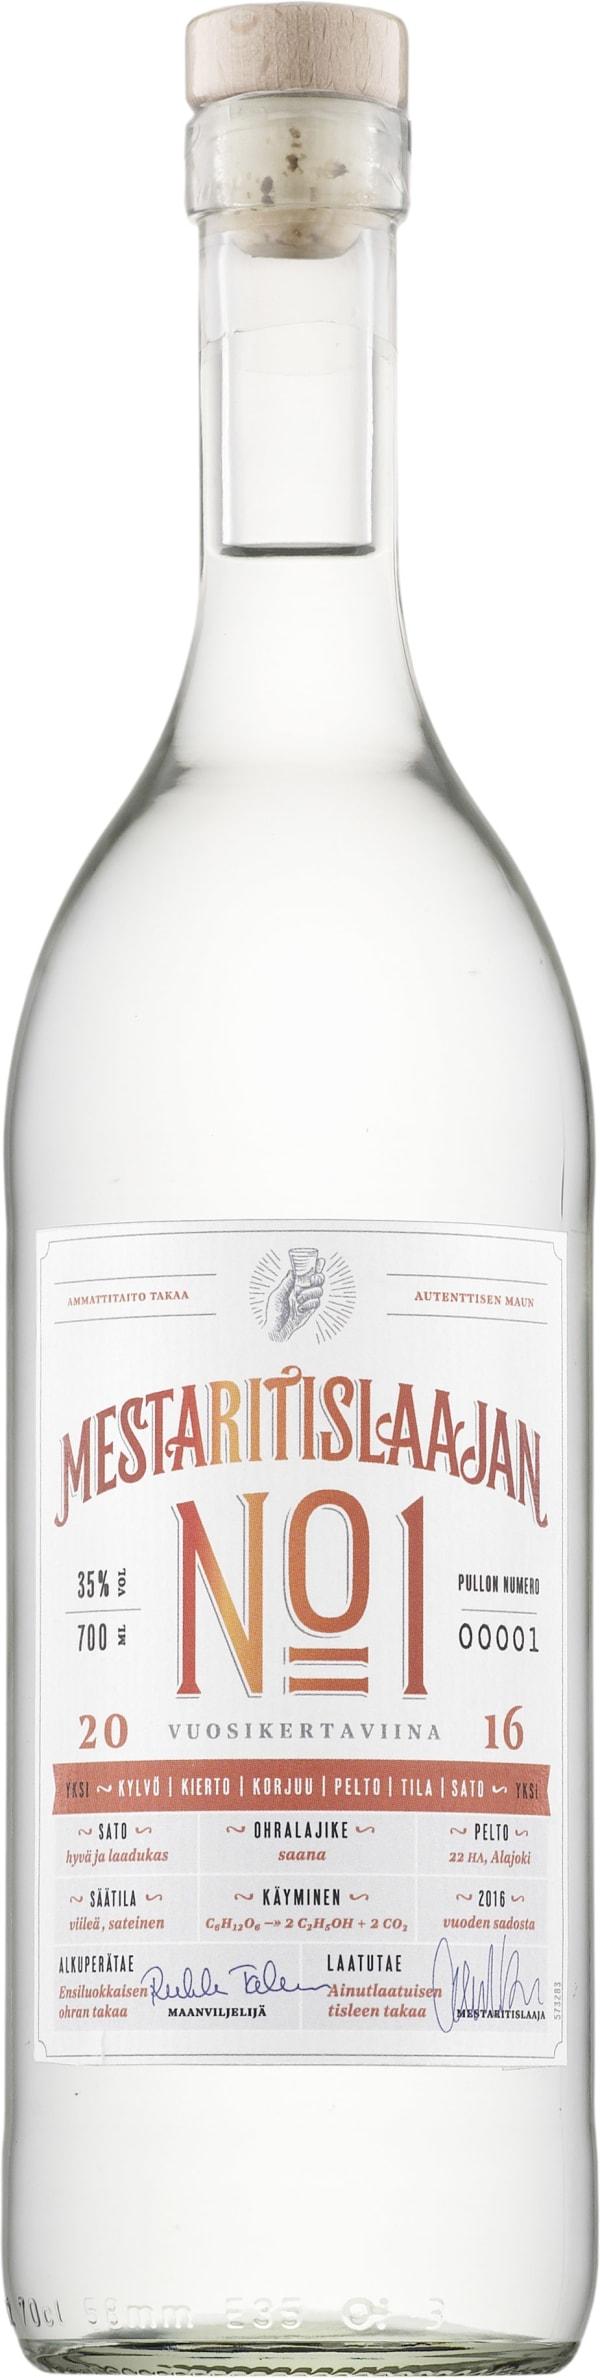 Mestaritislaajan No 1 2016